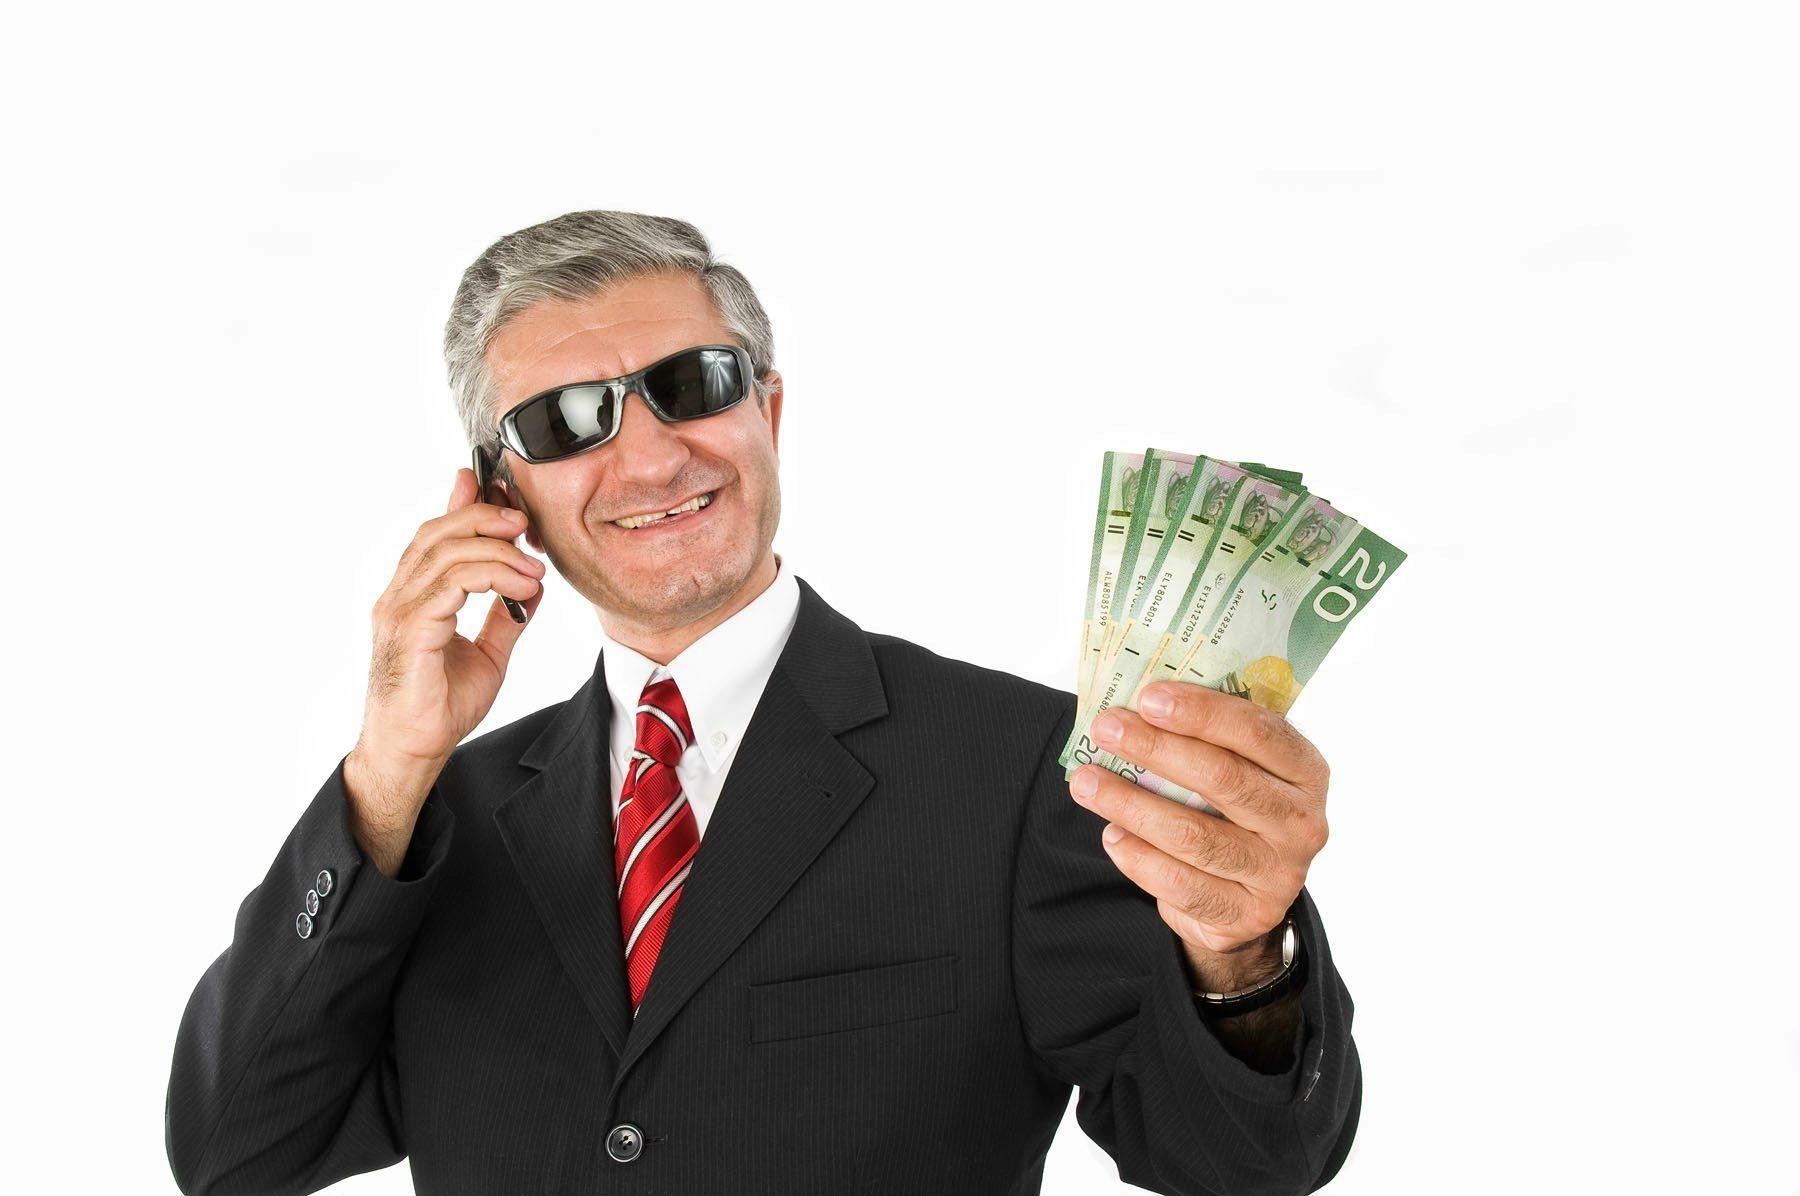 photo_21403_20120211-money